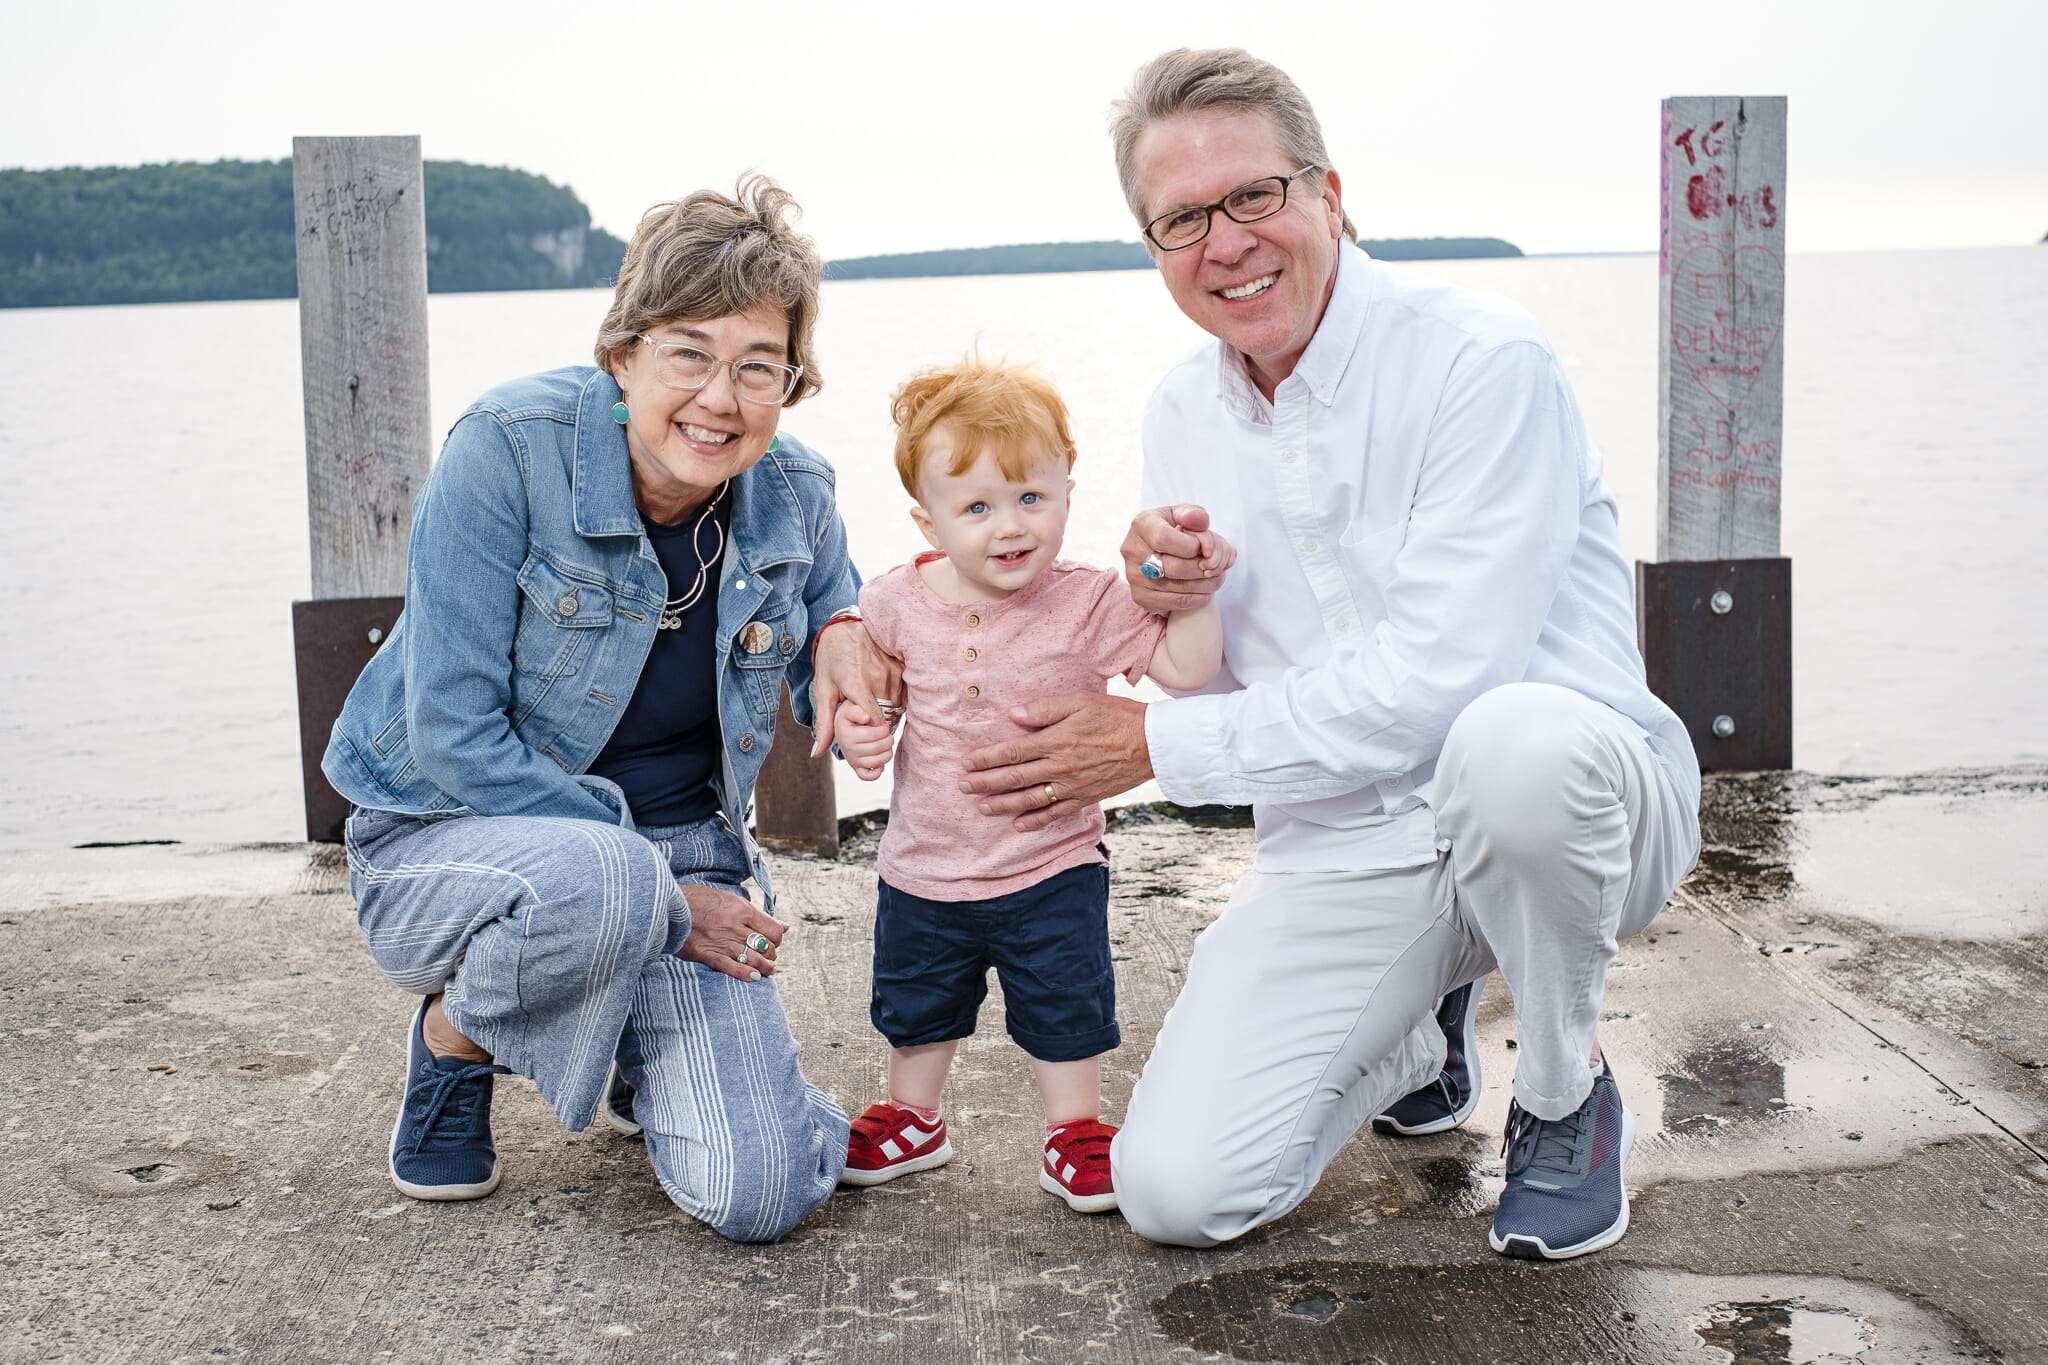 door county photographer, family photos, ephraim, anderson dock, door county family photographer